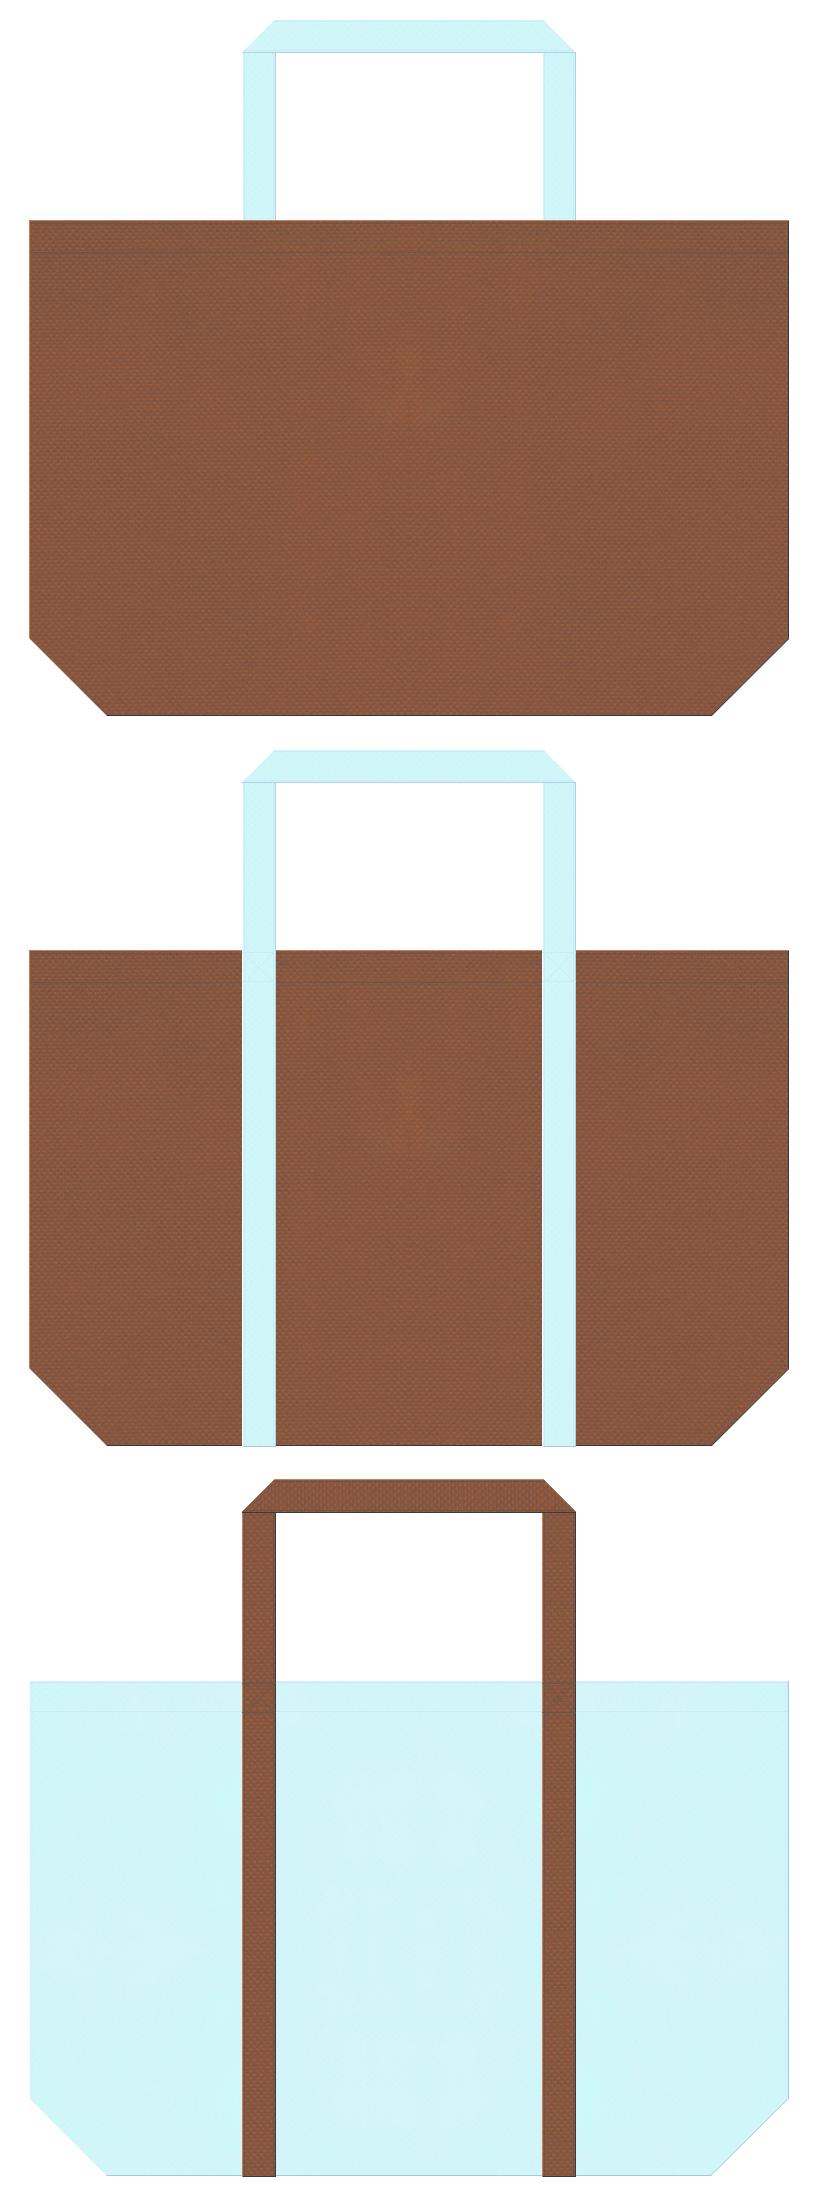 茶色と水色の不織布ショッピングバッグデザイン:ミントチョコレート風の配色です。